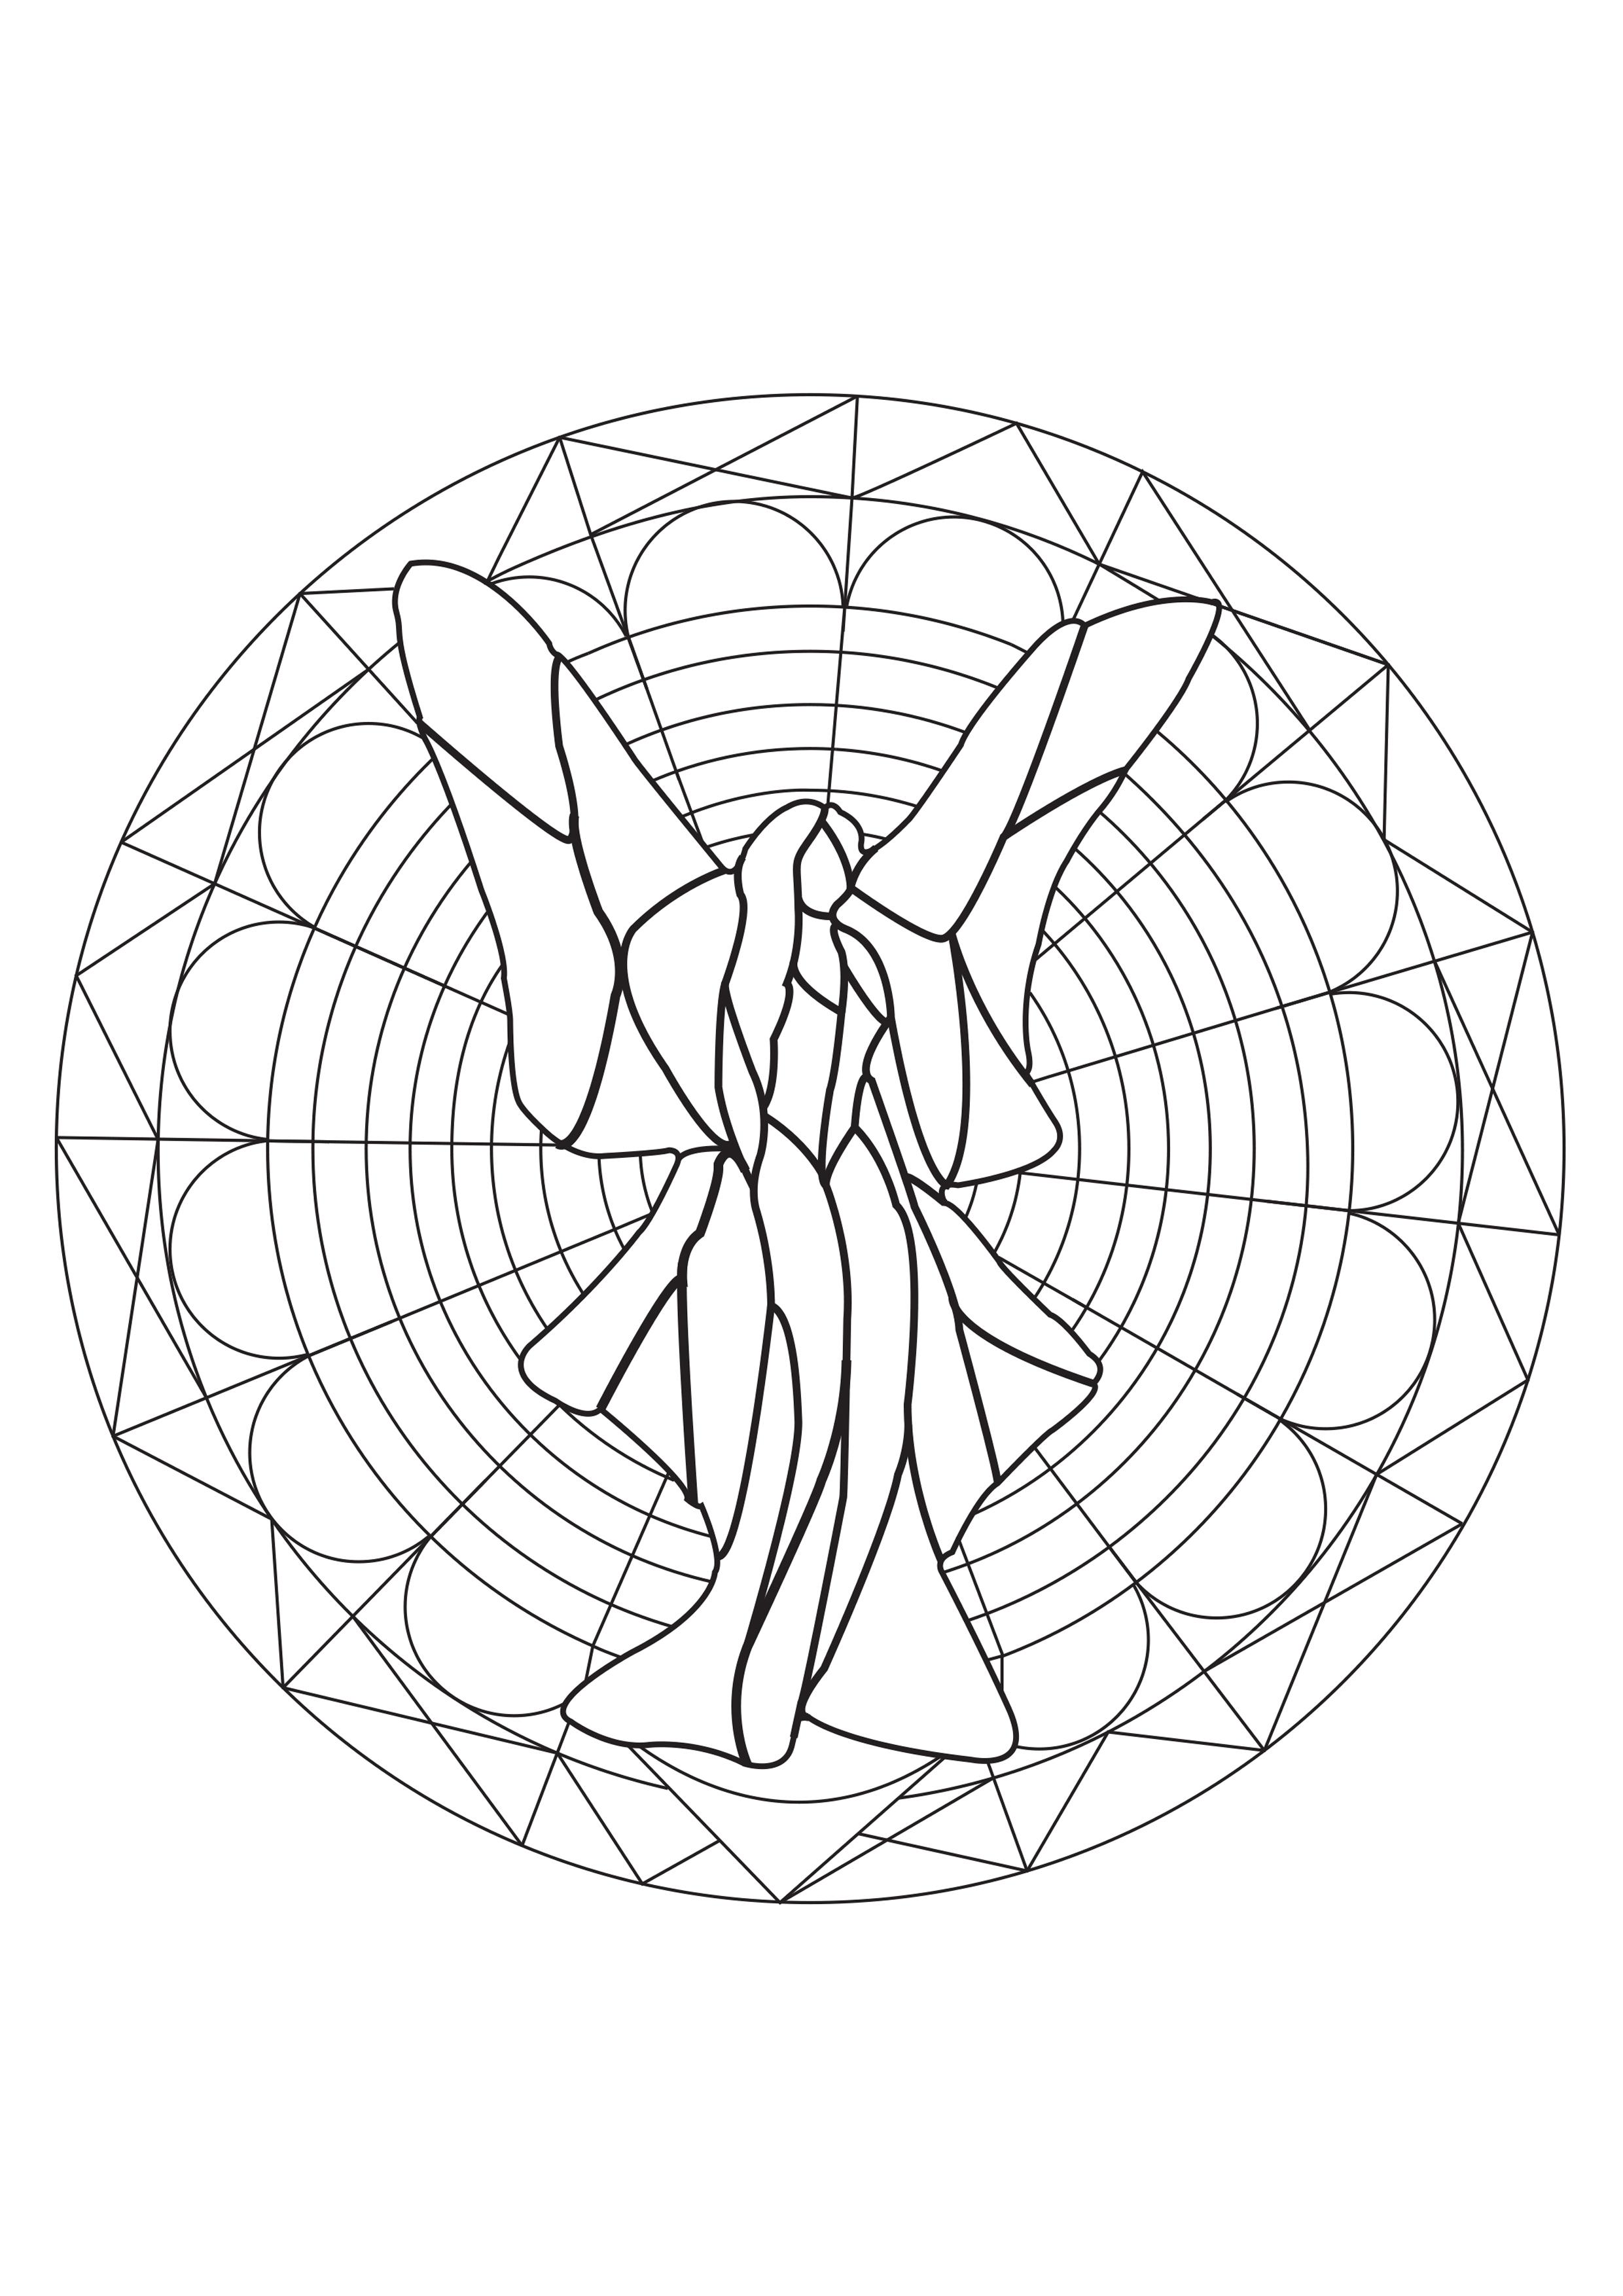 Fairy mandala - Simple Mandalas - 100% Mandalas Zen & Anti-stress